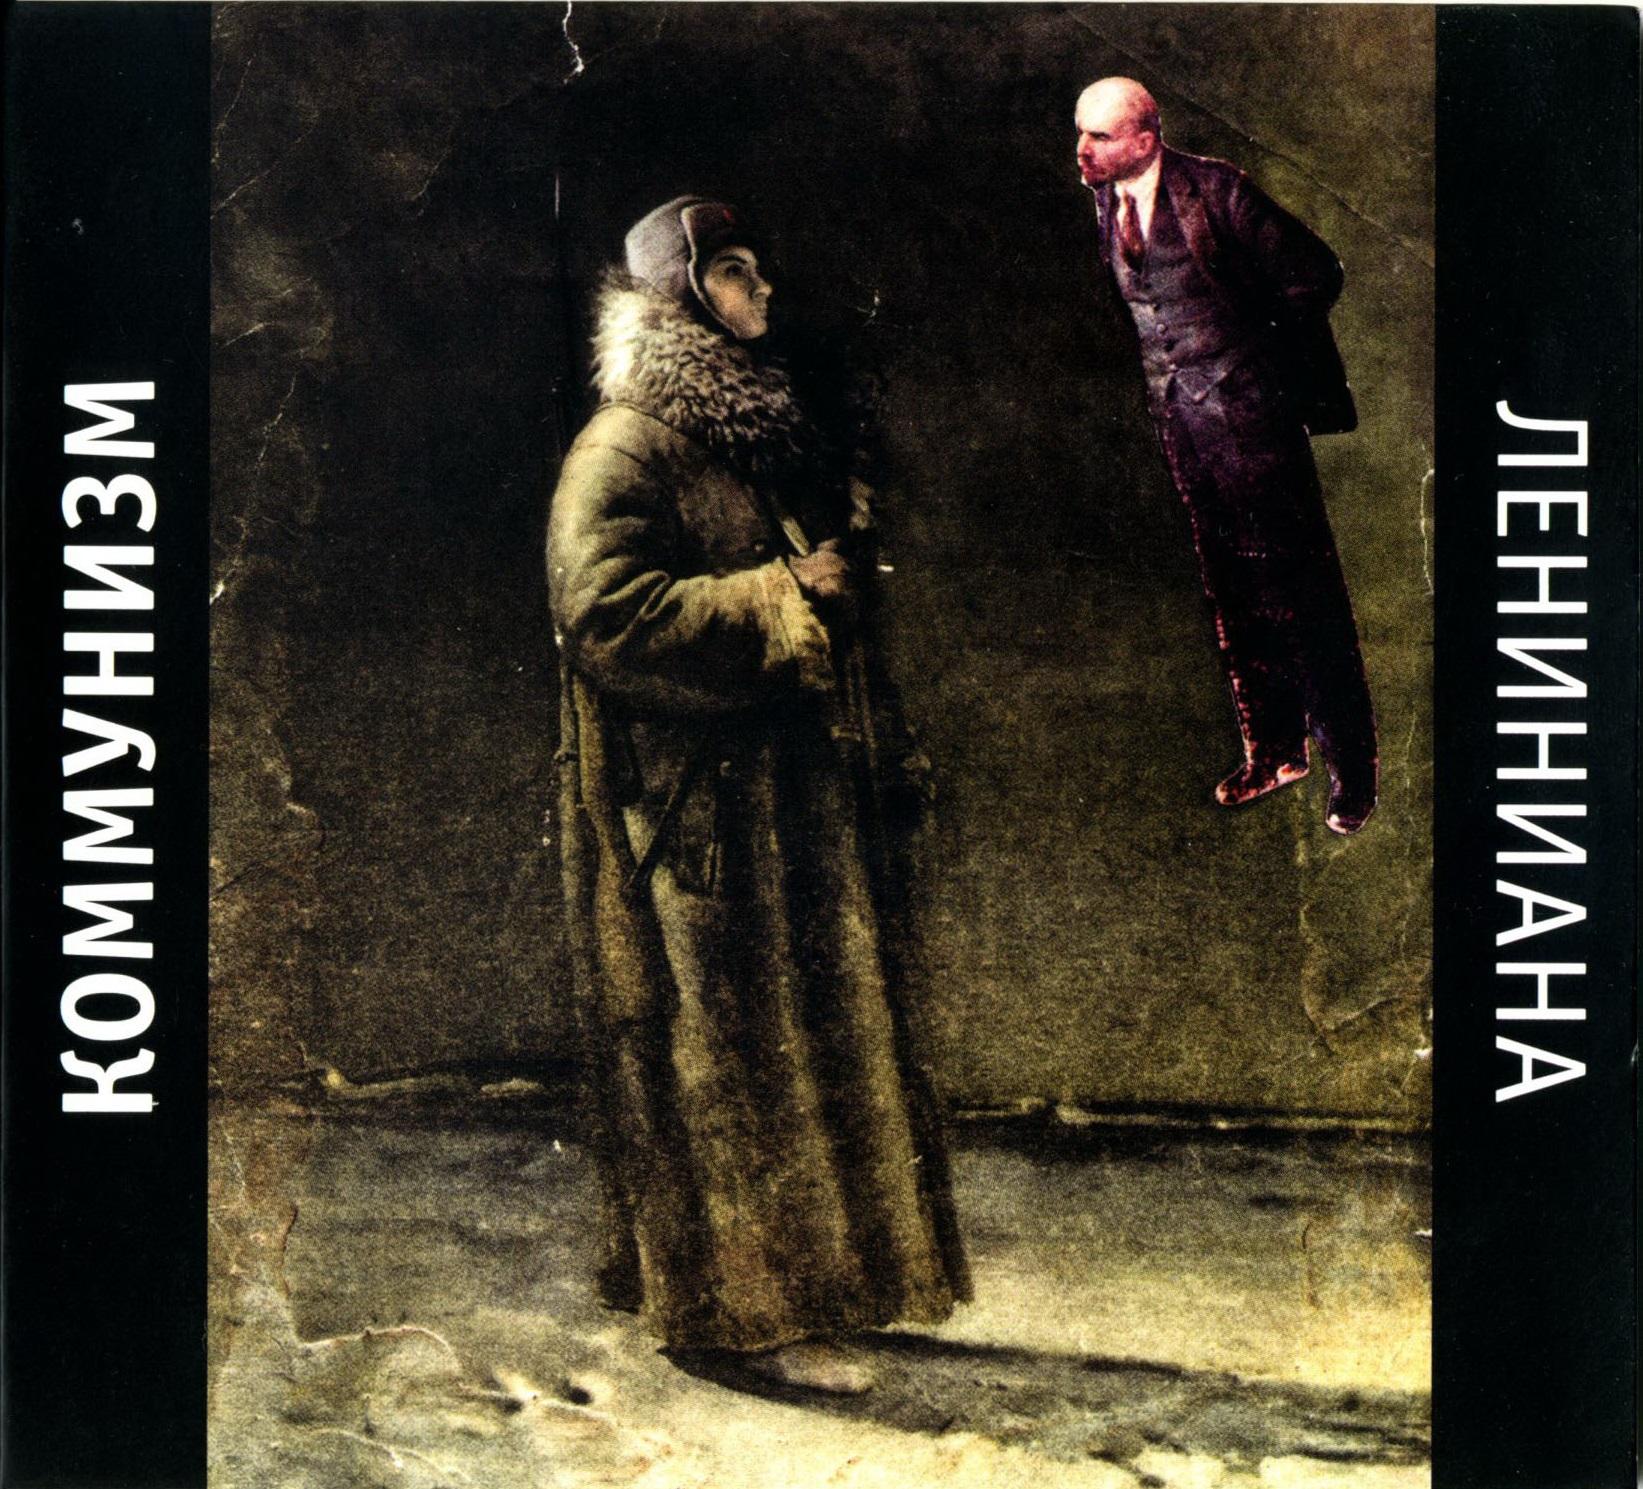 Коммунизм — Лениниана (1989)